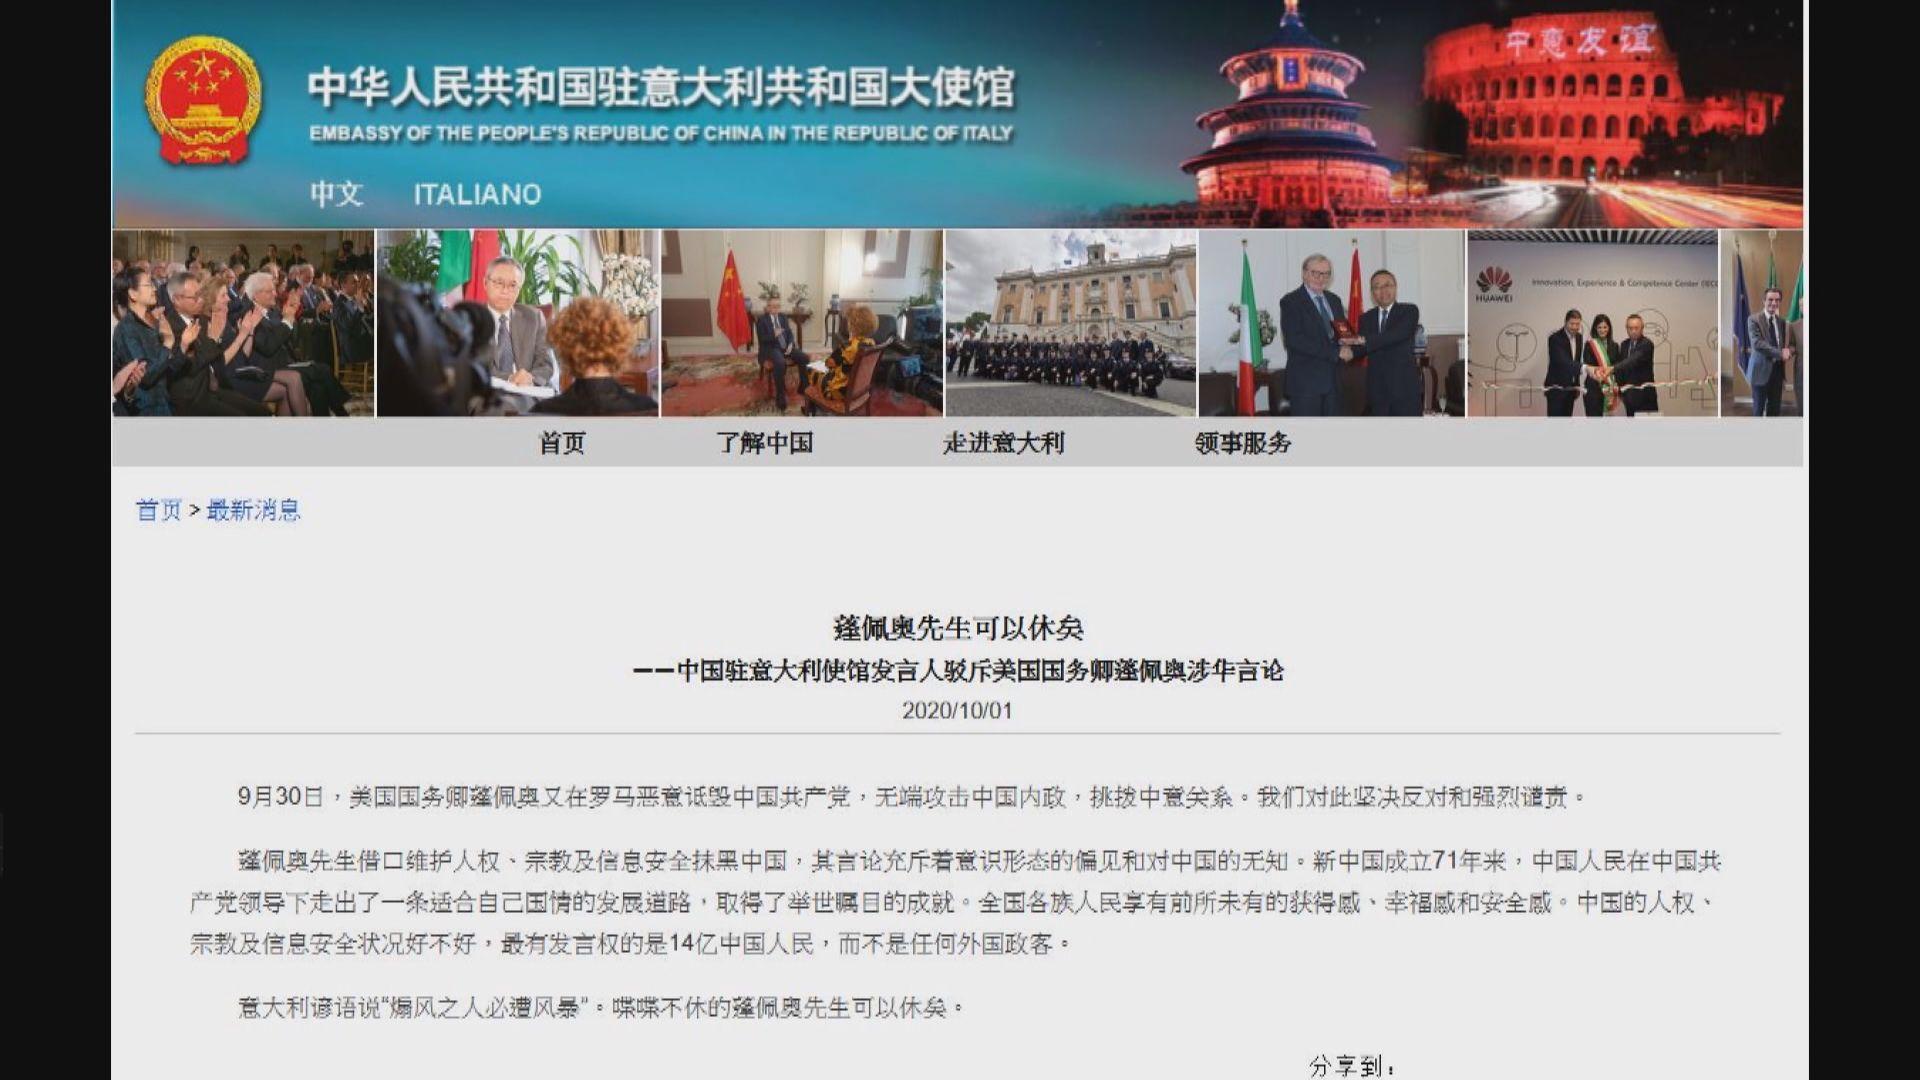 中國駐意使館駁斥蓬佩奧涉華言論 指其「可以休矣」